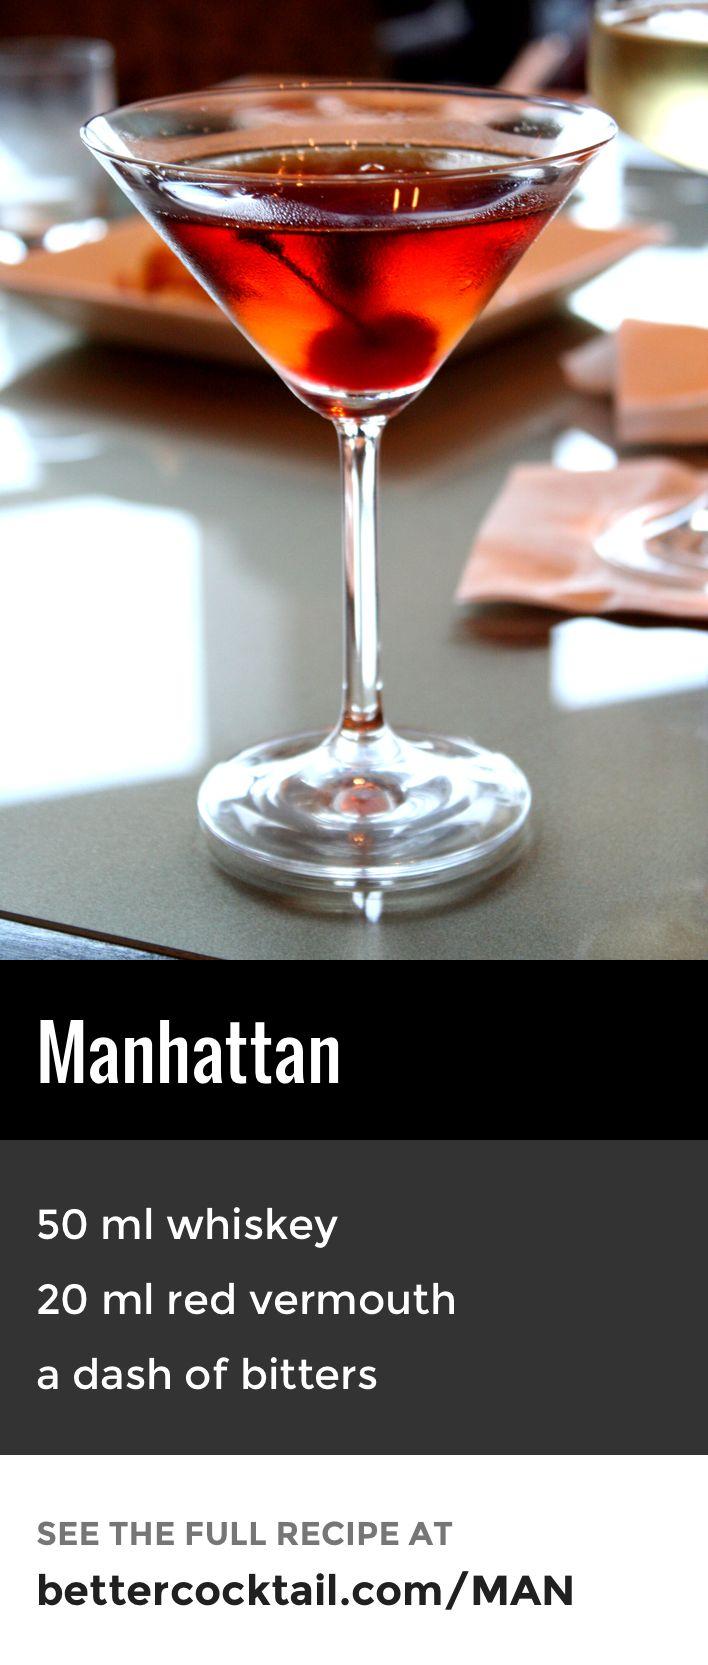 die besten 25 whiskey cocktails ideen auf pinterest einfache cocktails einfache mixgetr nke. Black Bedroom Furniture Sets. Home Design Ideas